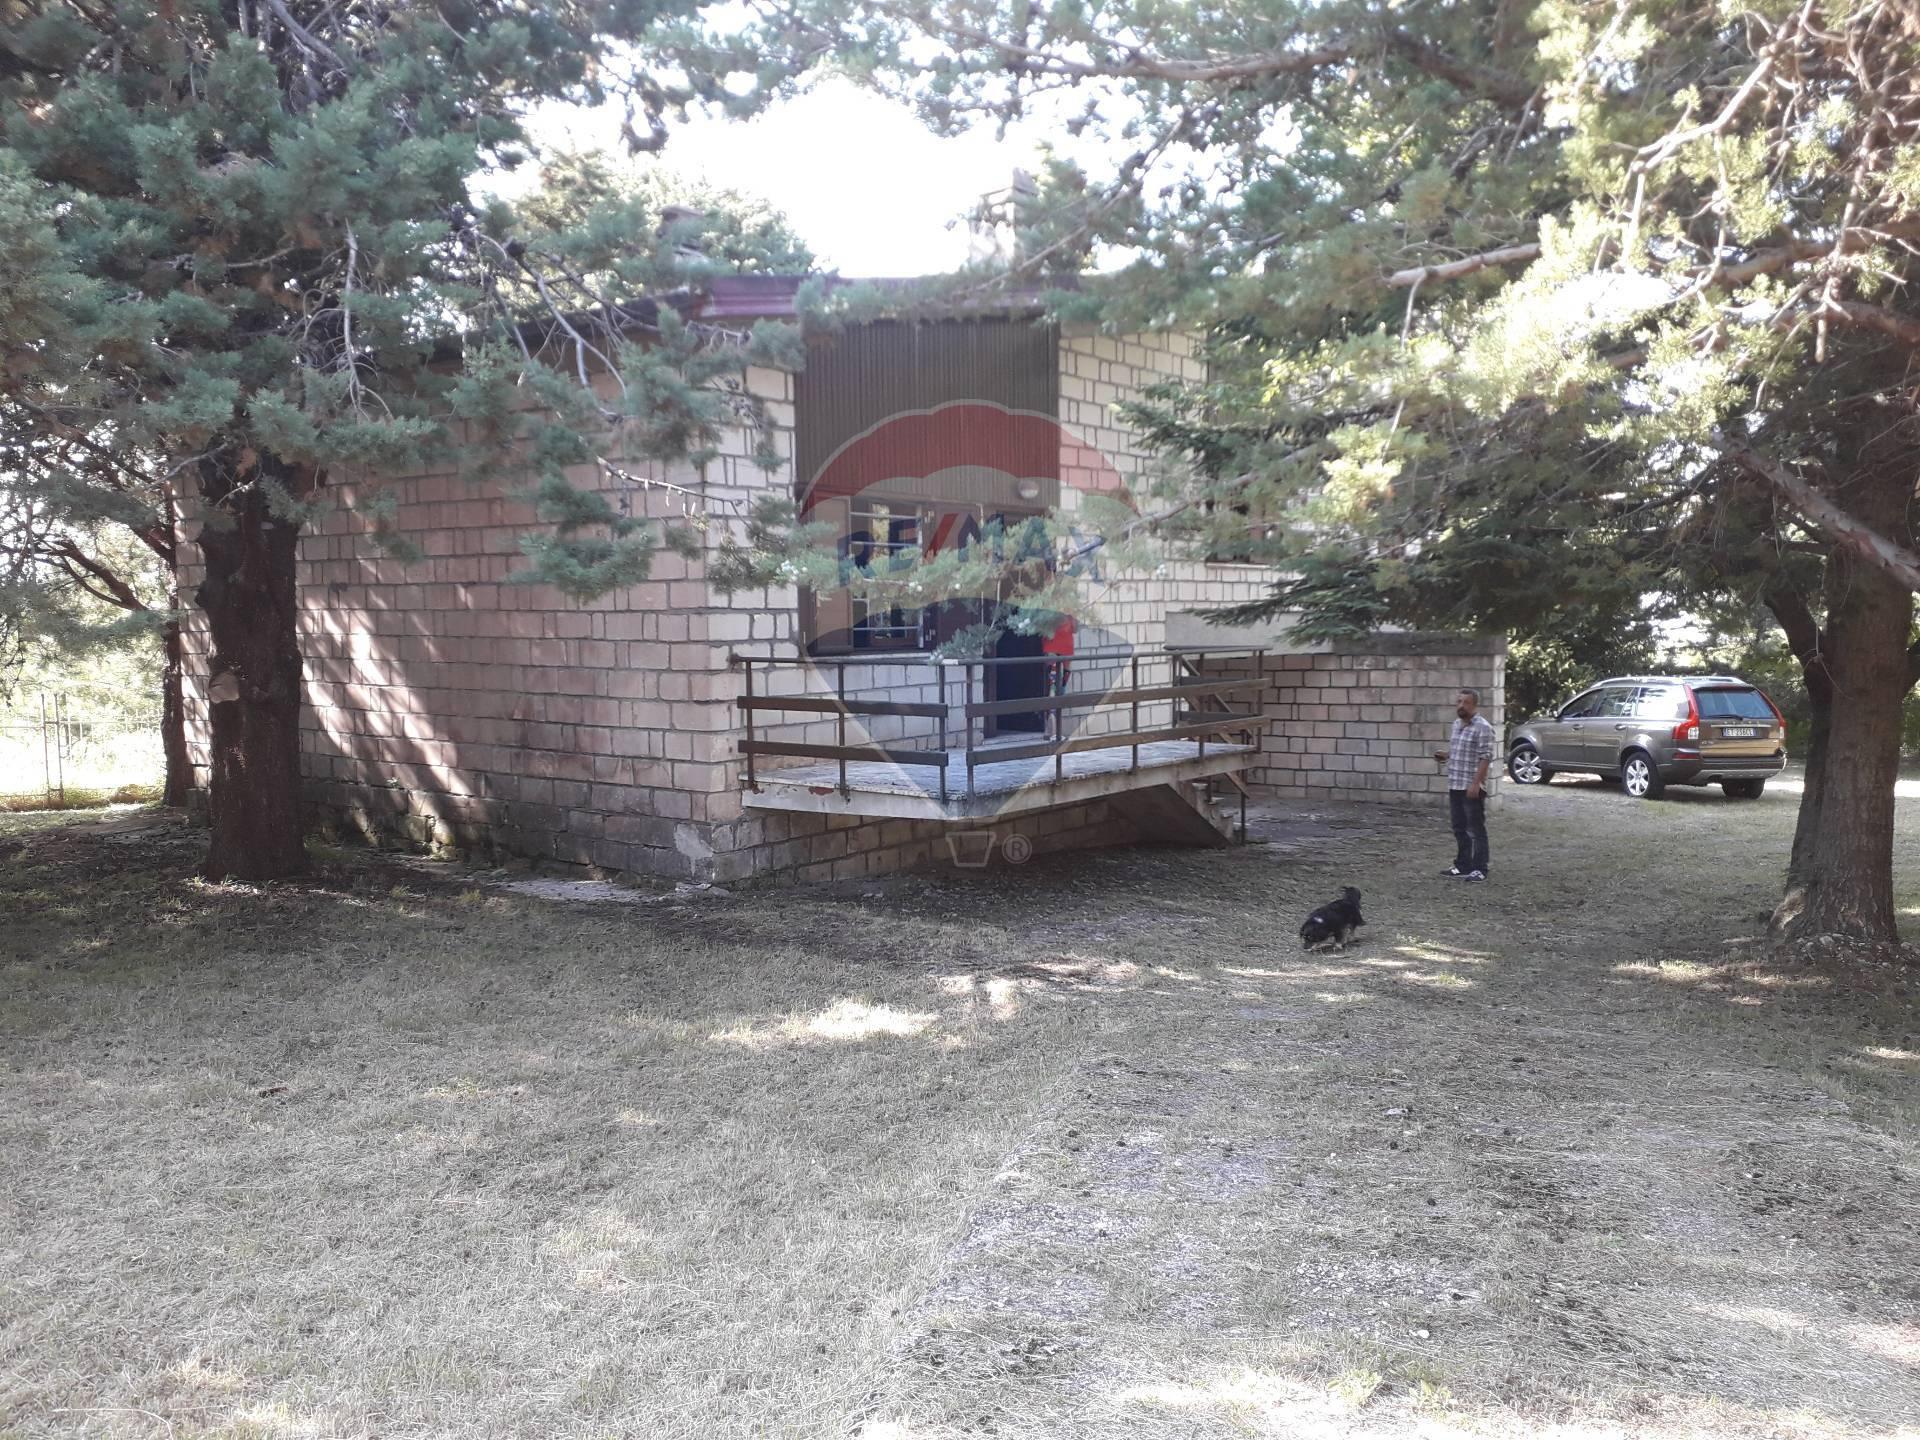 Villa in vendita a Pretoro, 7 locali, prezzo € 235.000 | CambioCasa.it